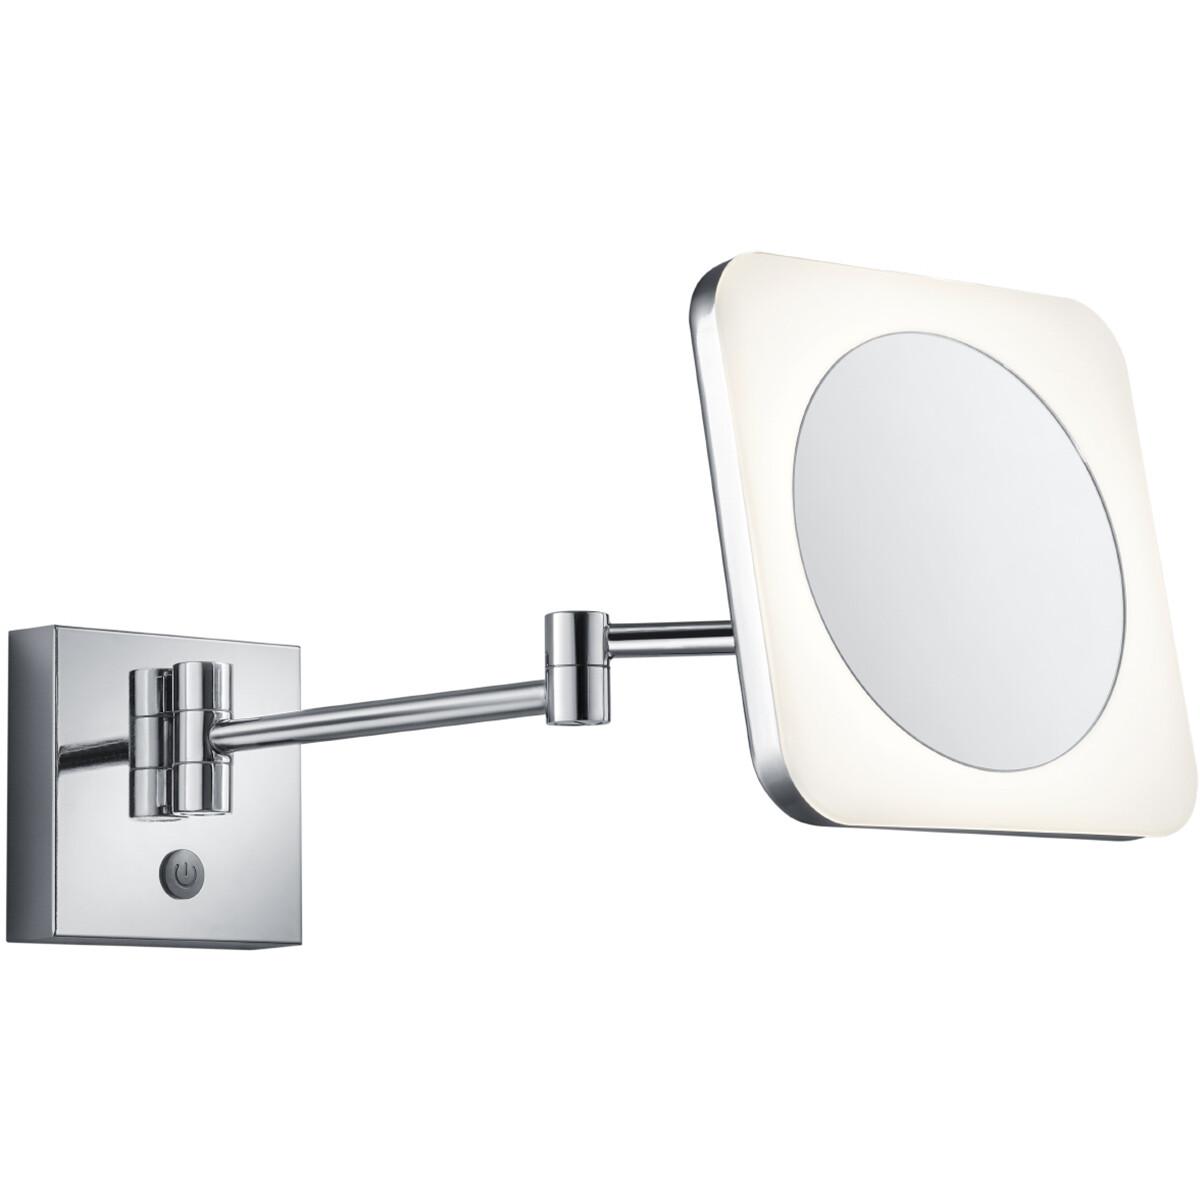 LED Make-up Spiegel - Scheerspiegel - Trion Vistas - Vierkant - 3x Vergroting - Aan/Uit Schakelaar -